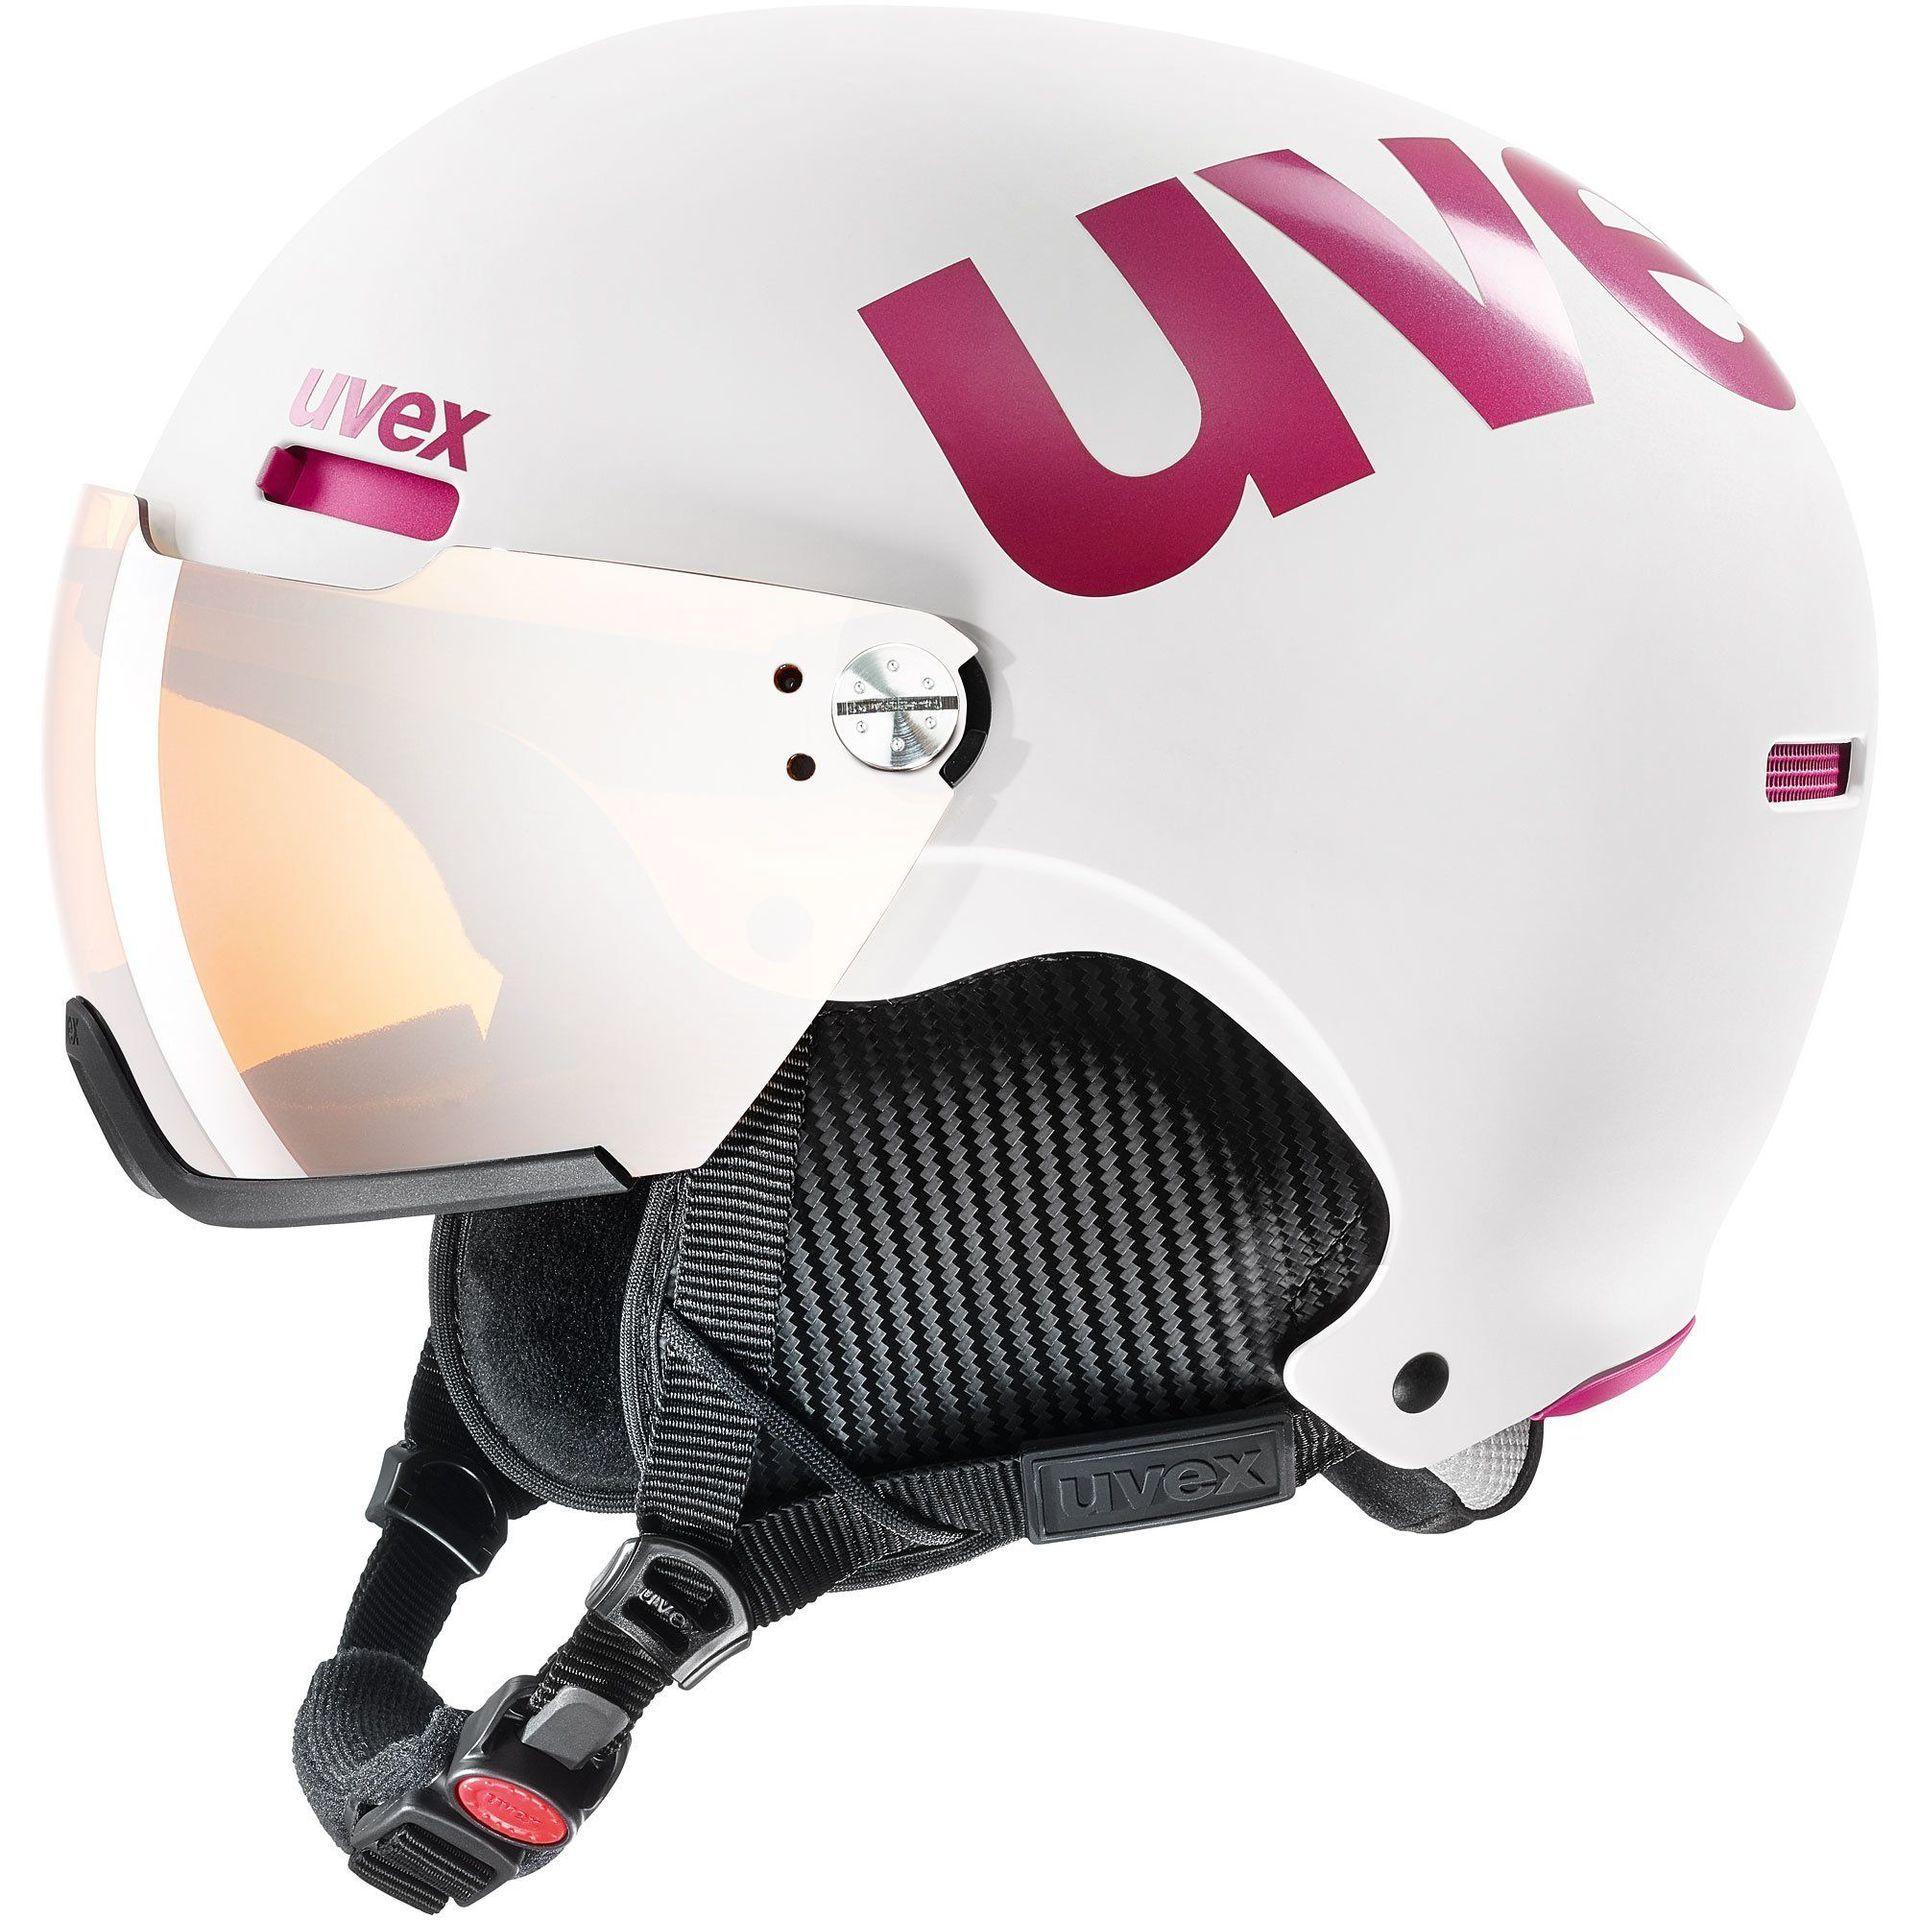 KASK UVEX HLMT 500 VISOR WHITE PINK MAT